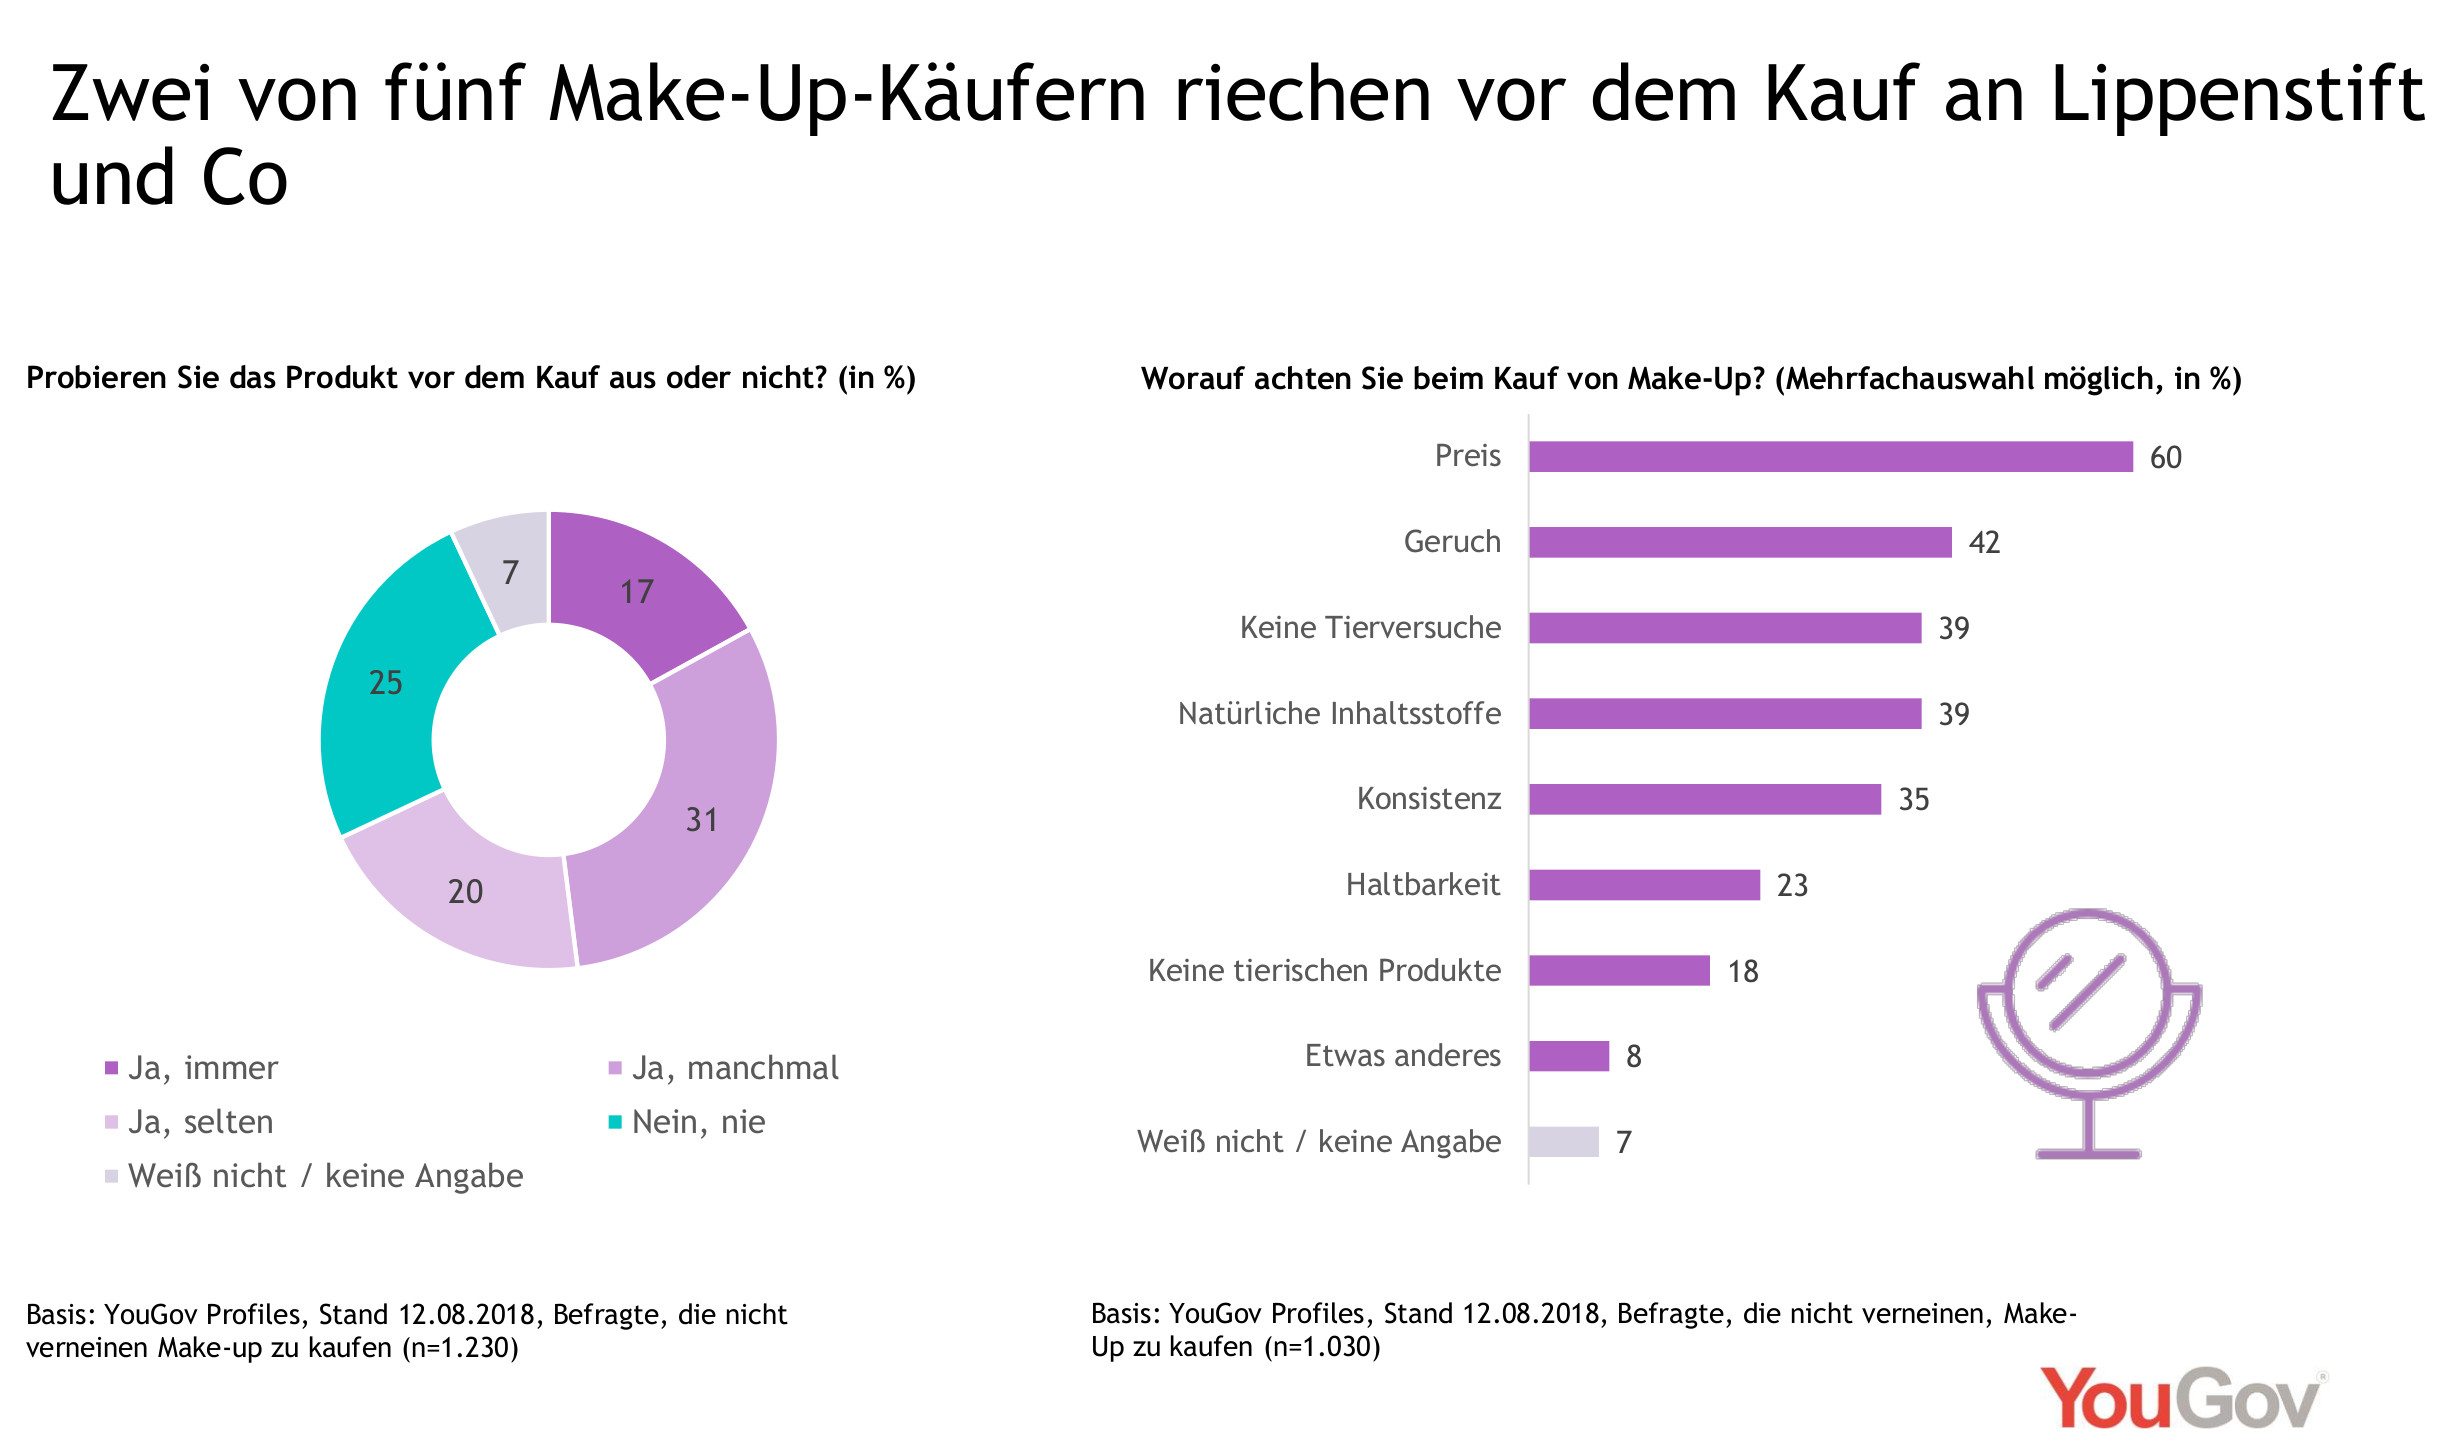 Jeder fünfte Make-Up-Käufer riecht vor dem Kauf an Lippenstift und Co